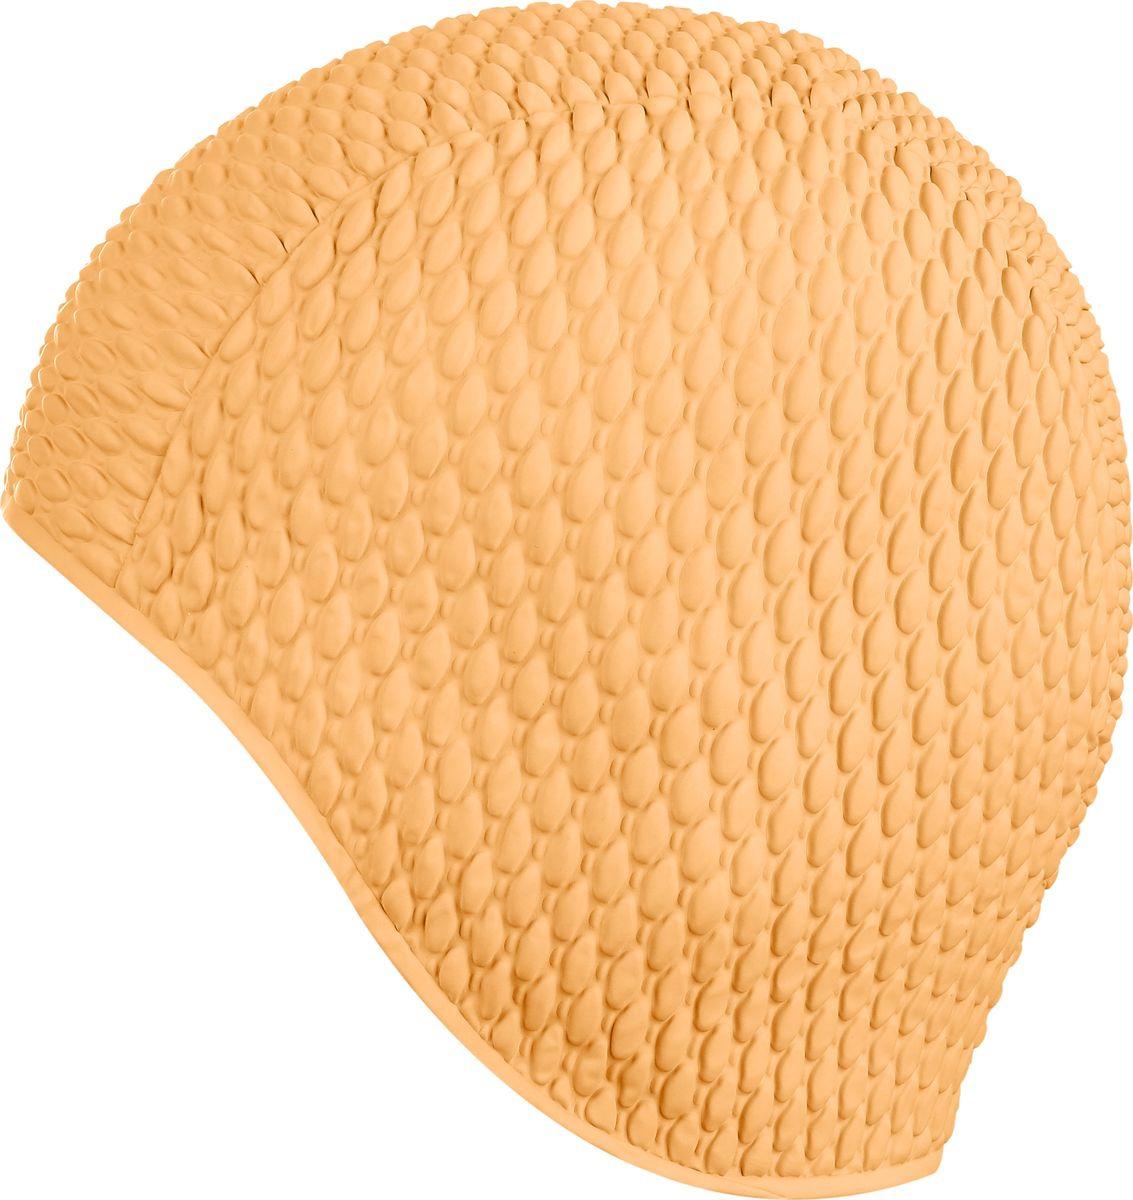 Шапочка для плавания Indigo Bubble, IN079, персиковый шапочка для плавания indigo silicone 3d форма цвет белый